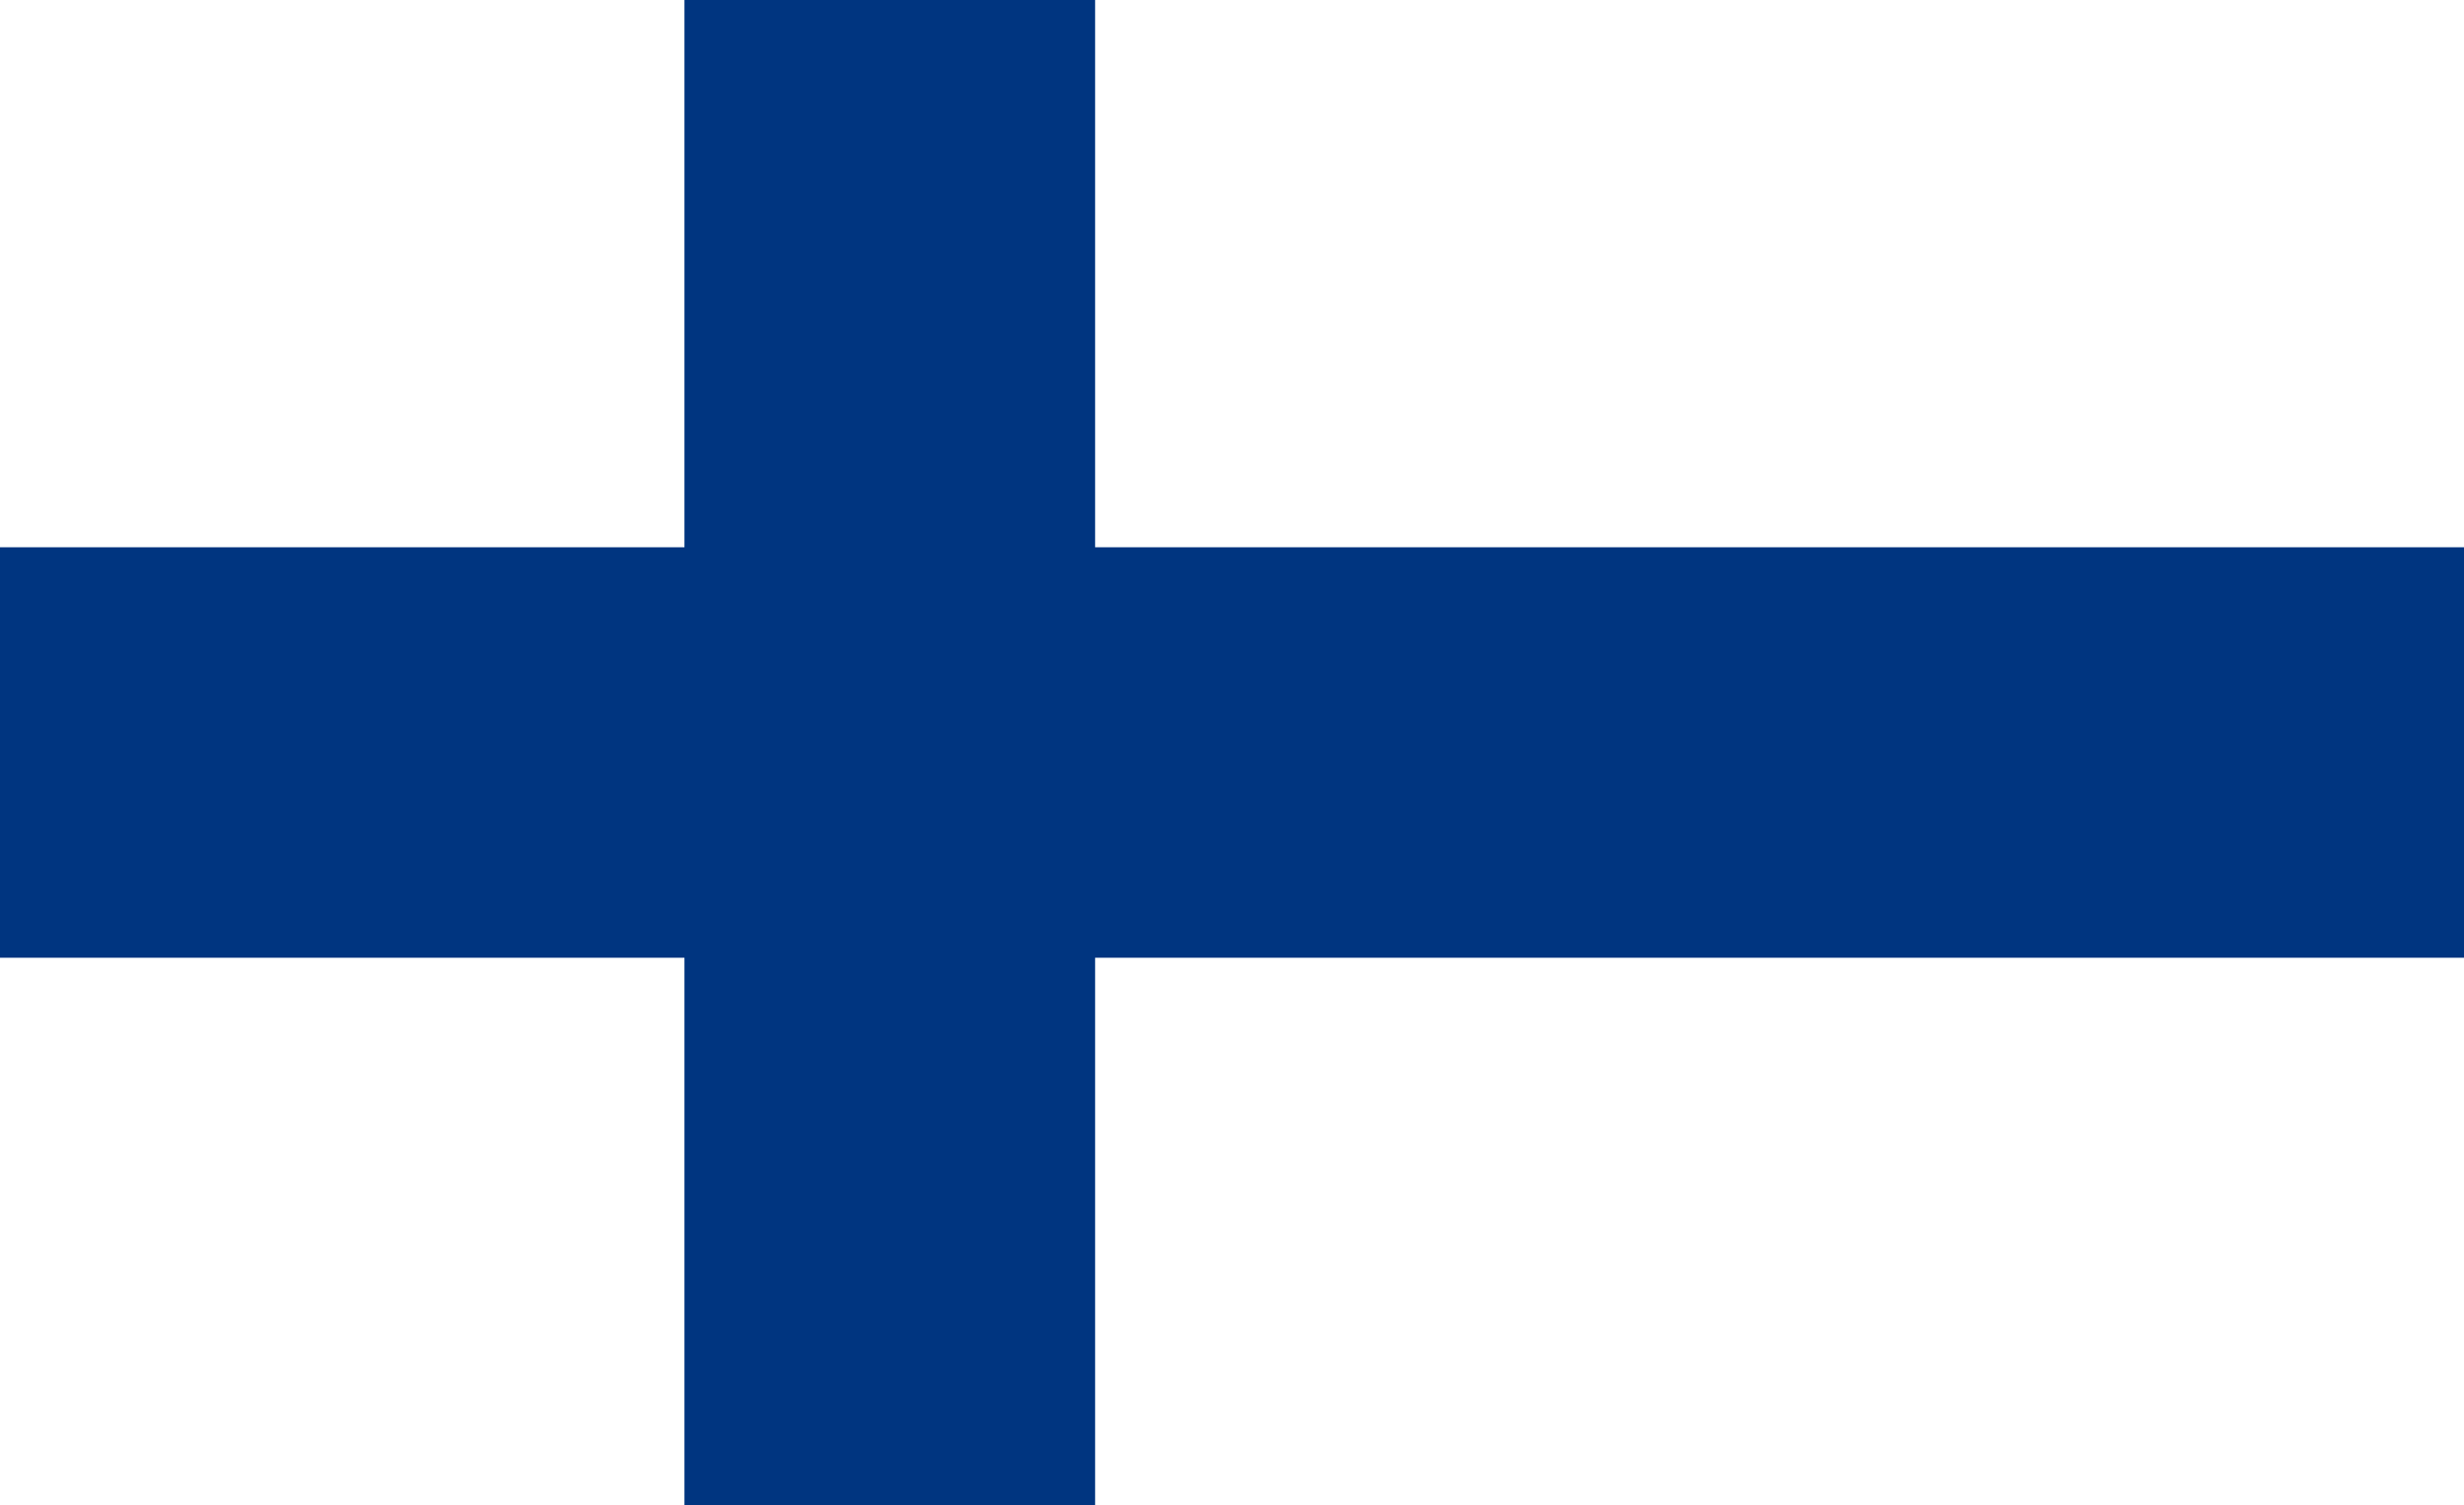 فنلندا, البلد, emblema, شعار, الرمز - خلفيات عالية الدقة - أستاذ falken.com